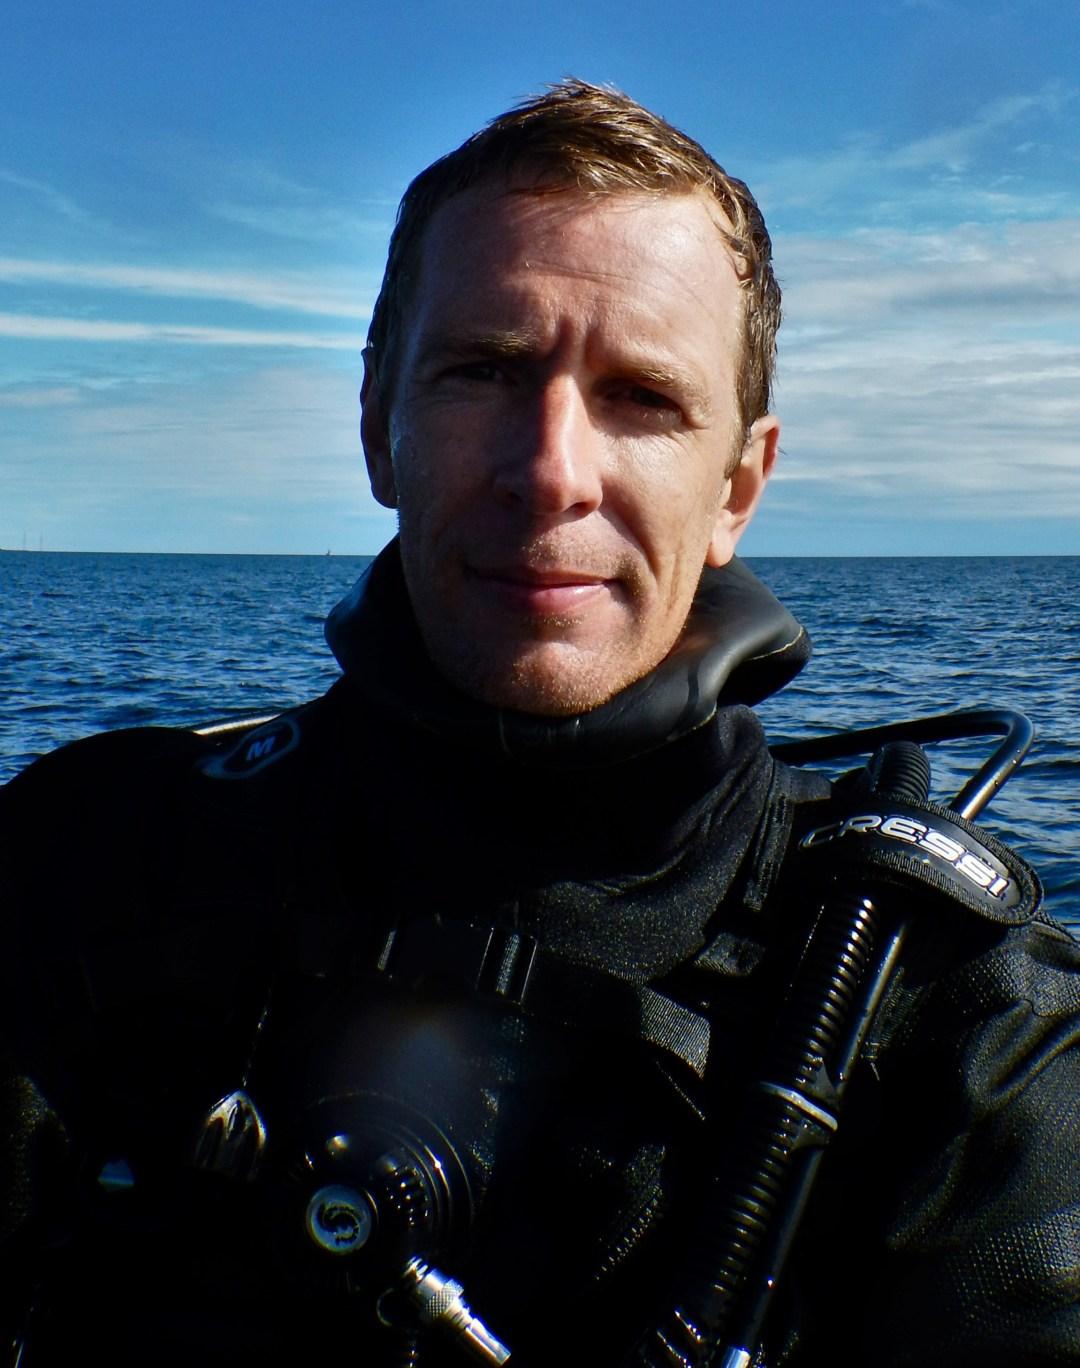 Andreas Vos